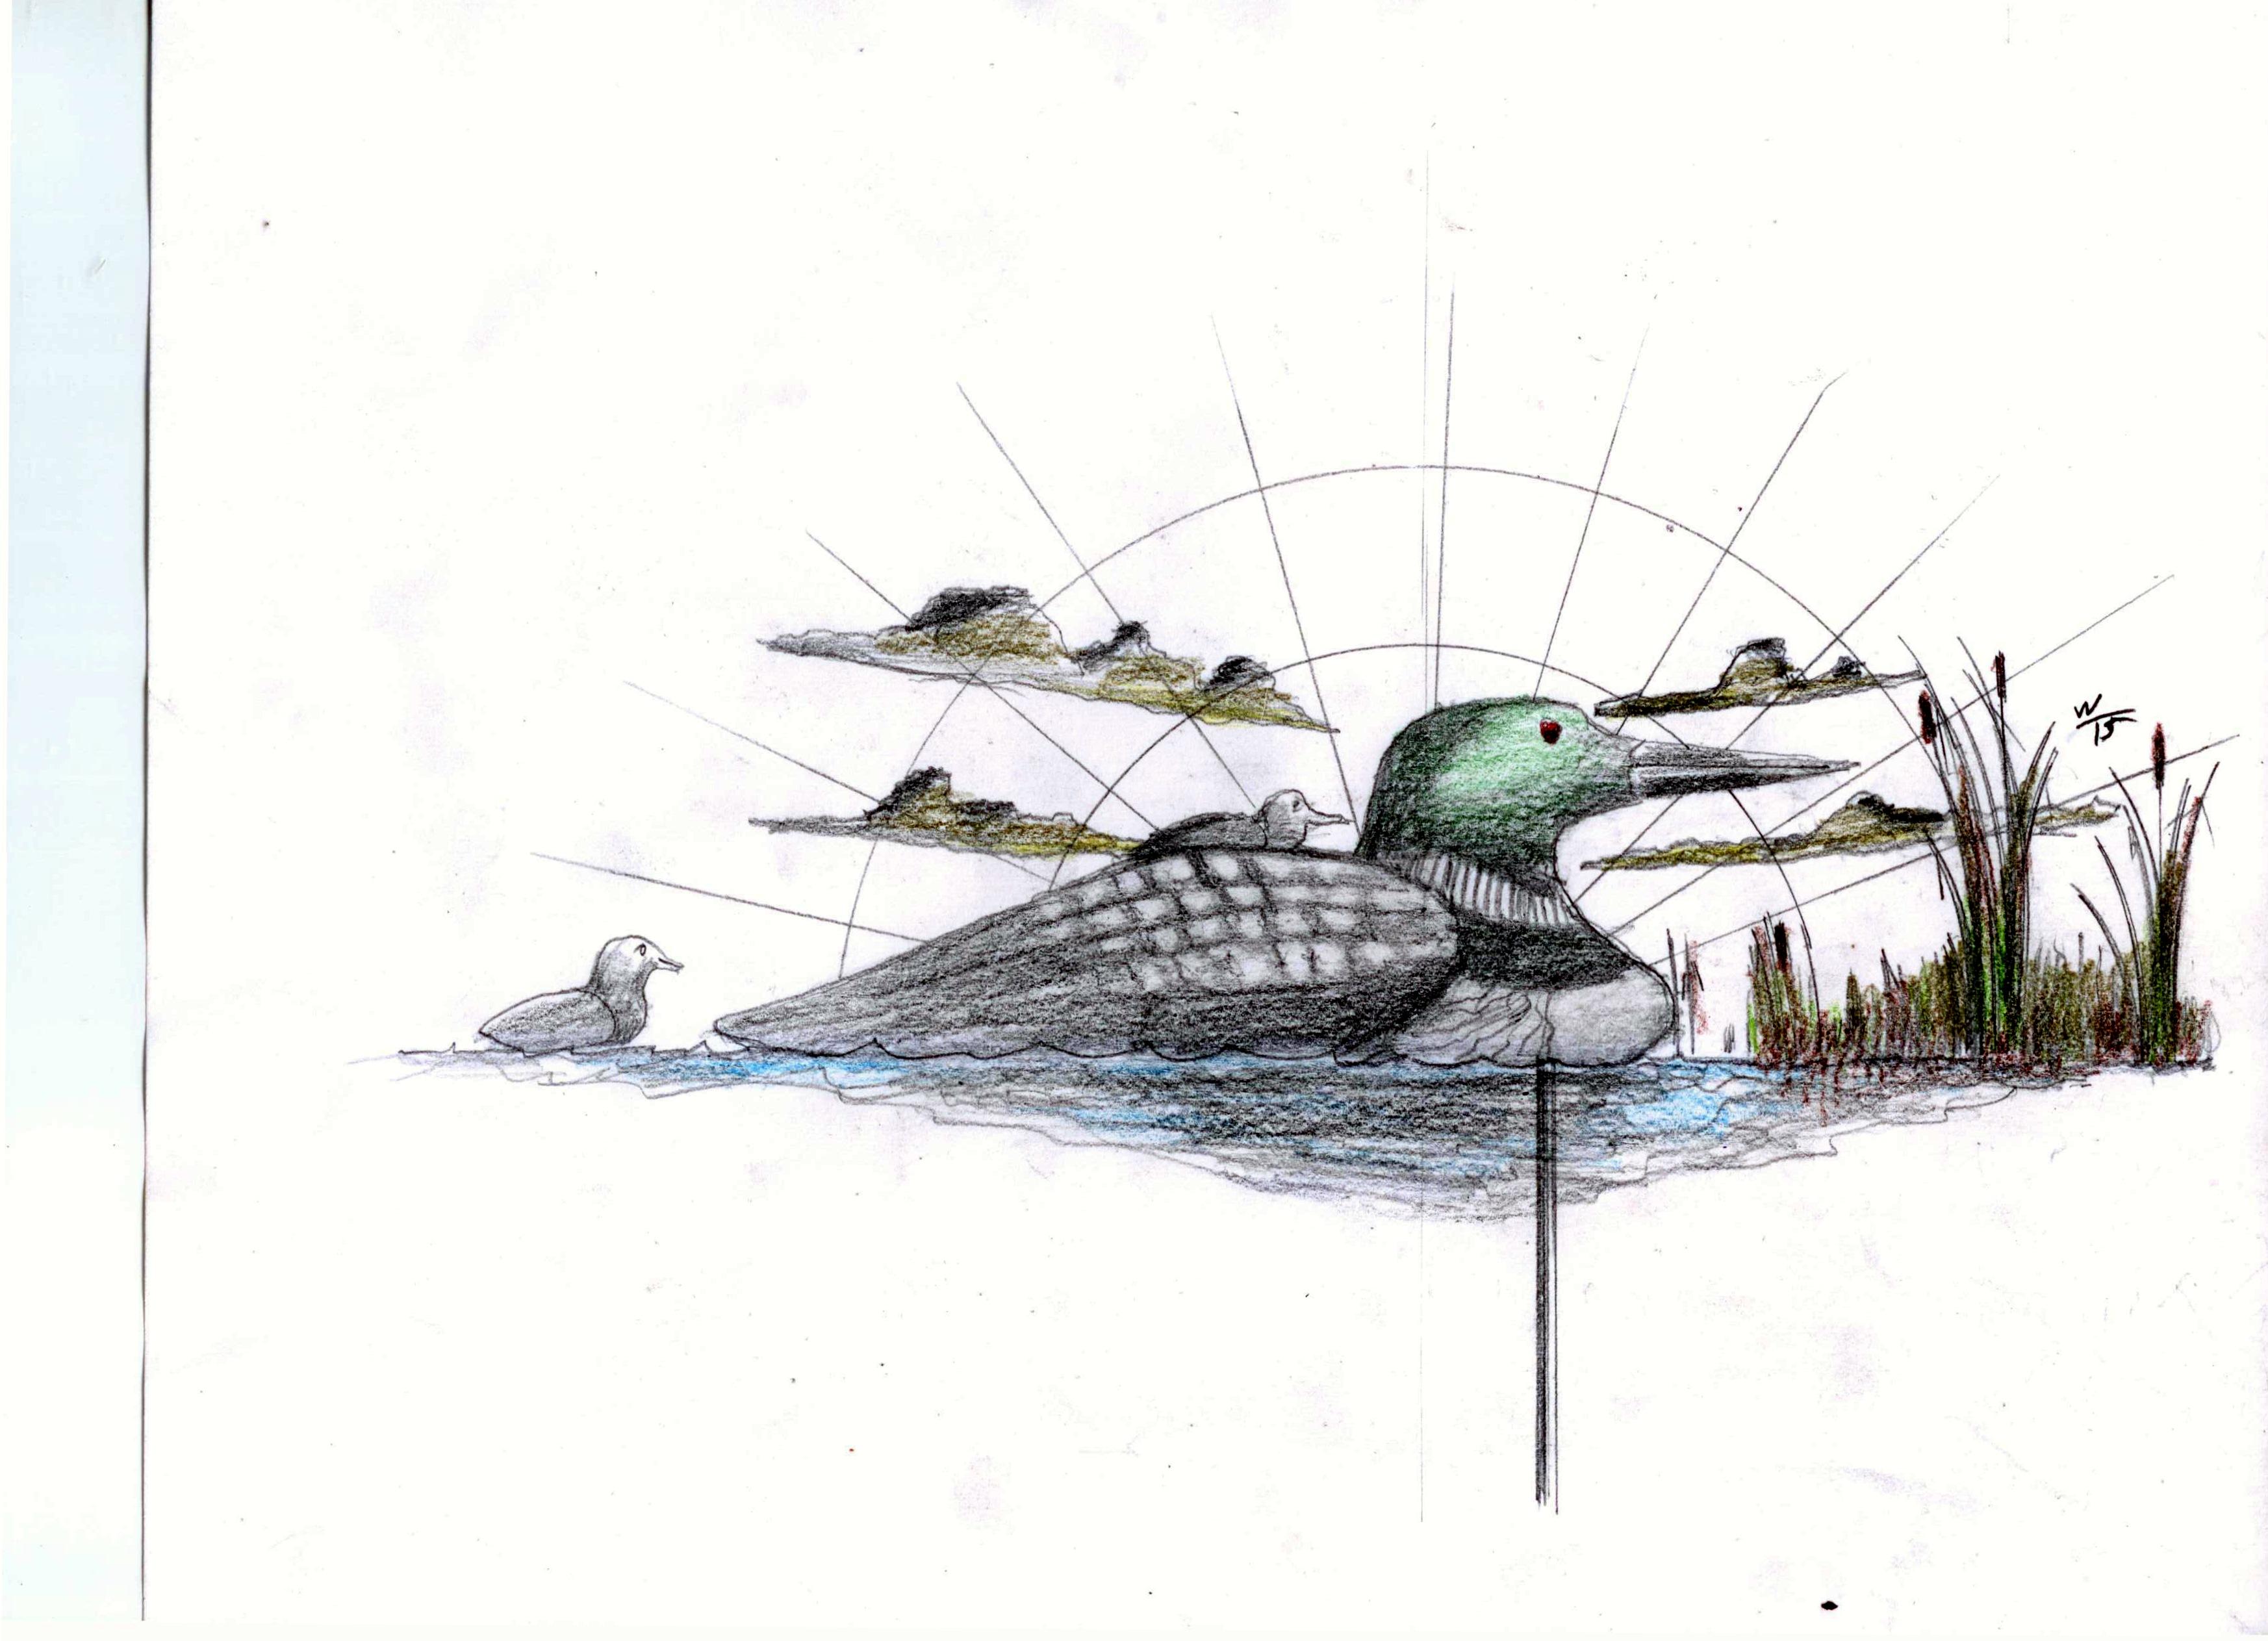 Loon weathervane proposal